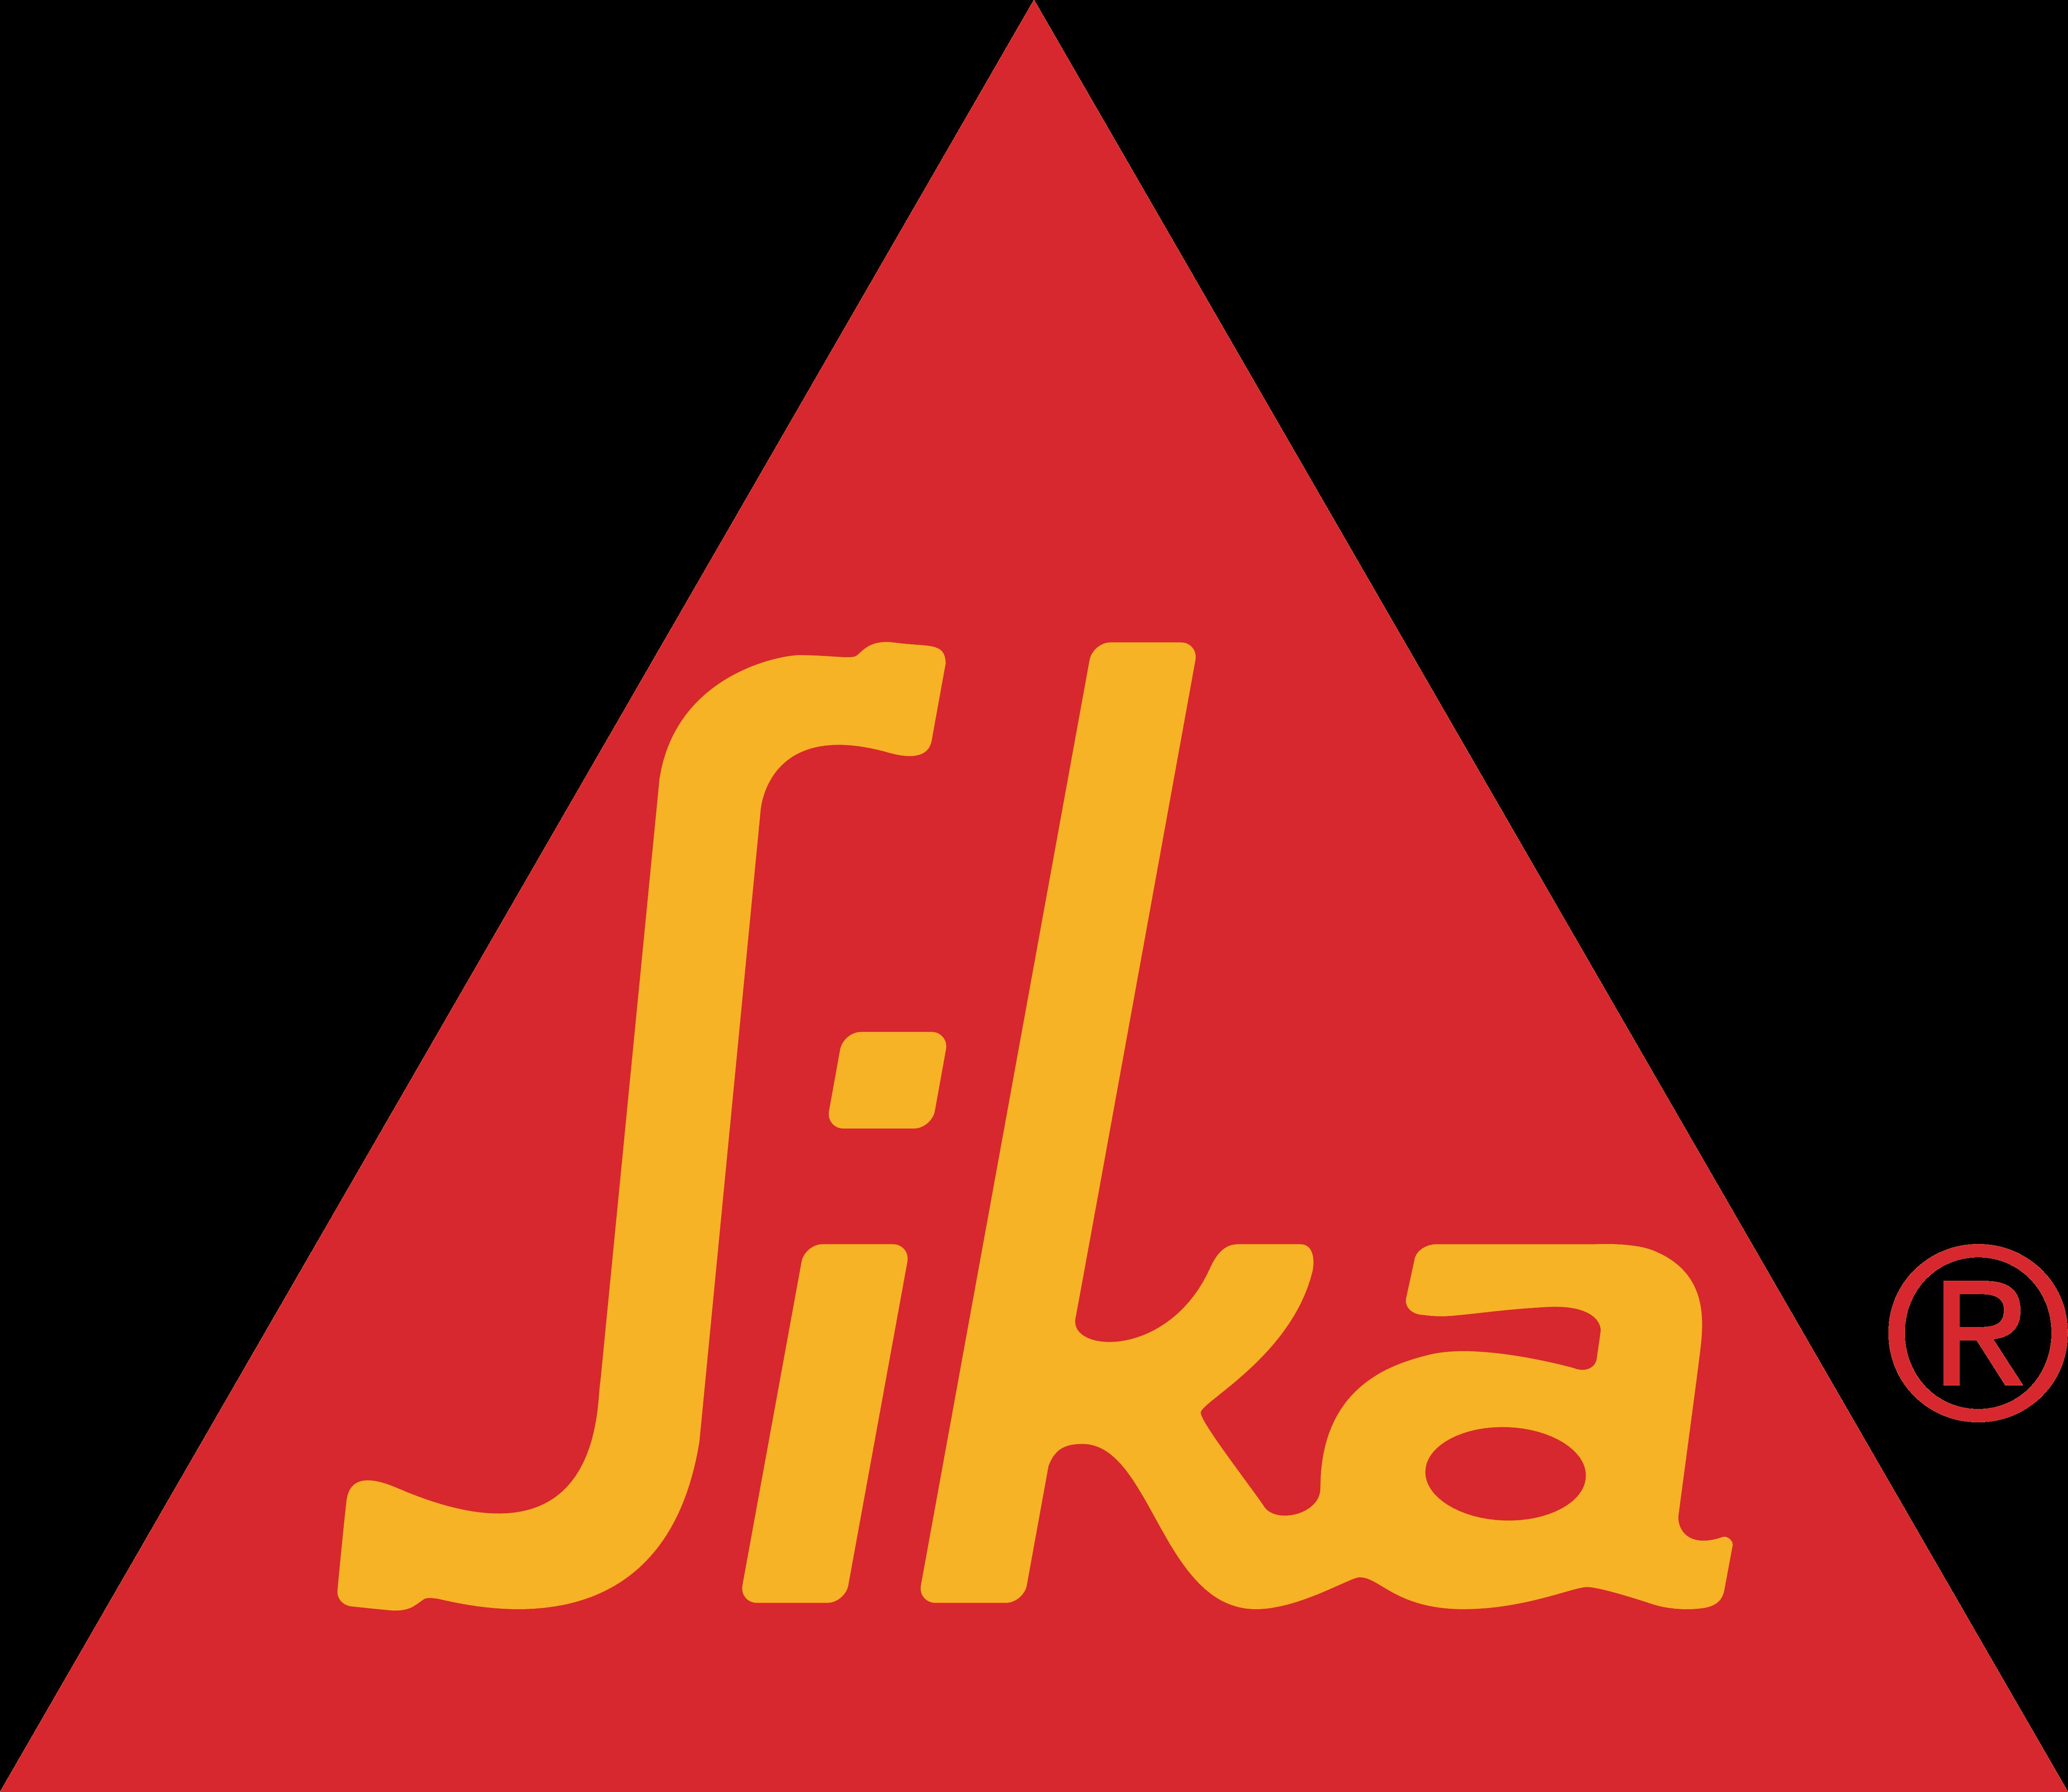 Sika Logos Download